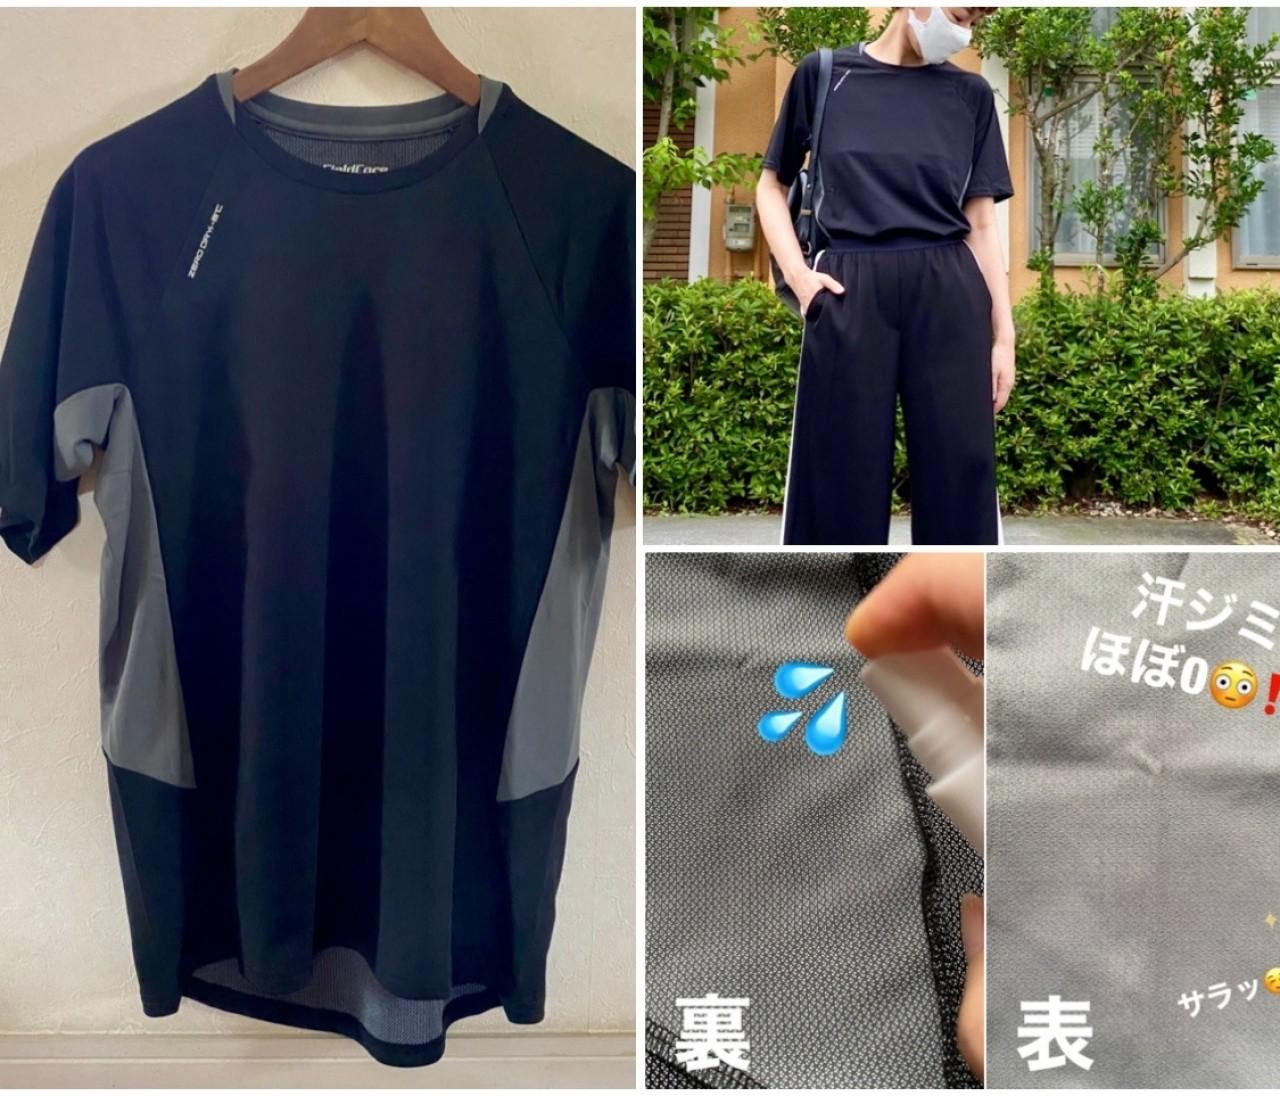 【ワークマン(WORKMAN)】¥980で遮熱・吸汗・速乾・UVカット「肌がさらさら ZERO DRY®︎ -5°C」Tシャツレビュー&残暑コーデ